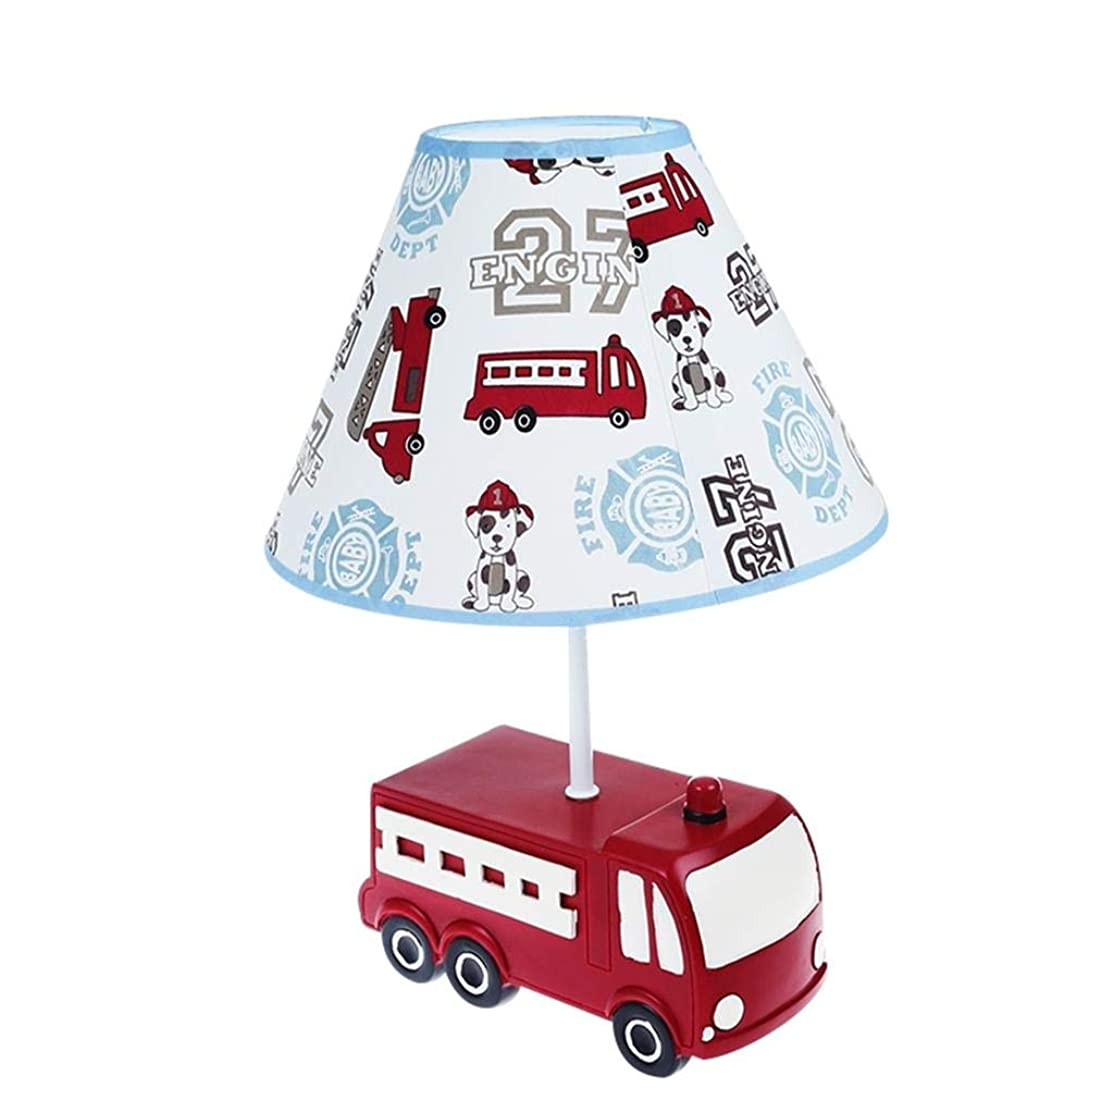 自分の力ですべてをする主要な学者XINGZHE テーブルランプ子供の部屋車の樹脂クリエイティブ装飾寝室ランプ漫画かわいい暖かいベッドサイドランプ - 37 * 25CM 電気スタンド